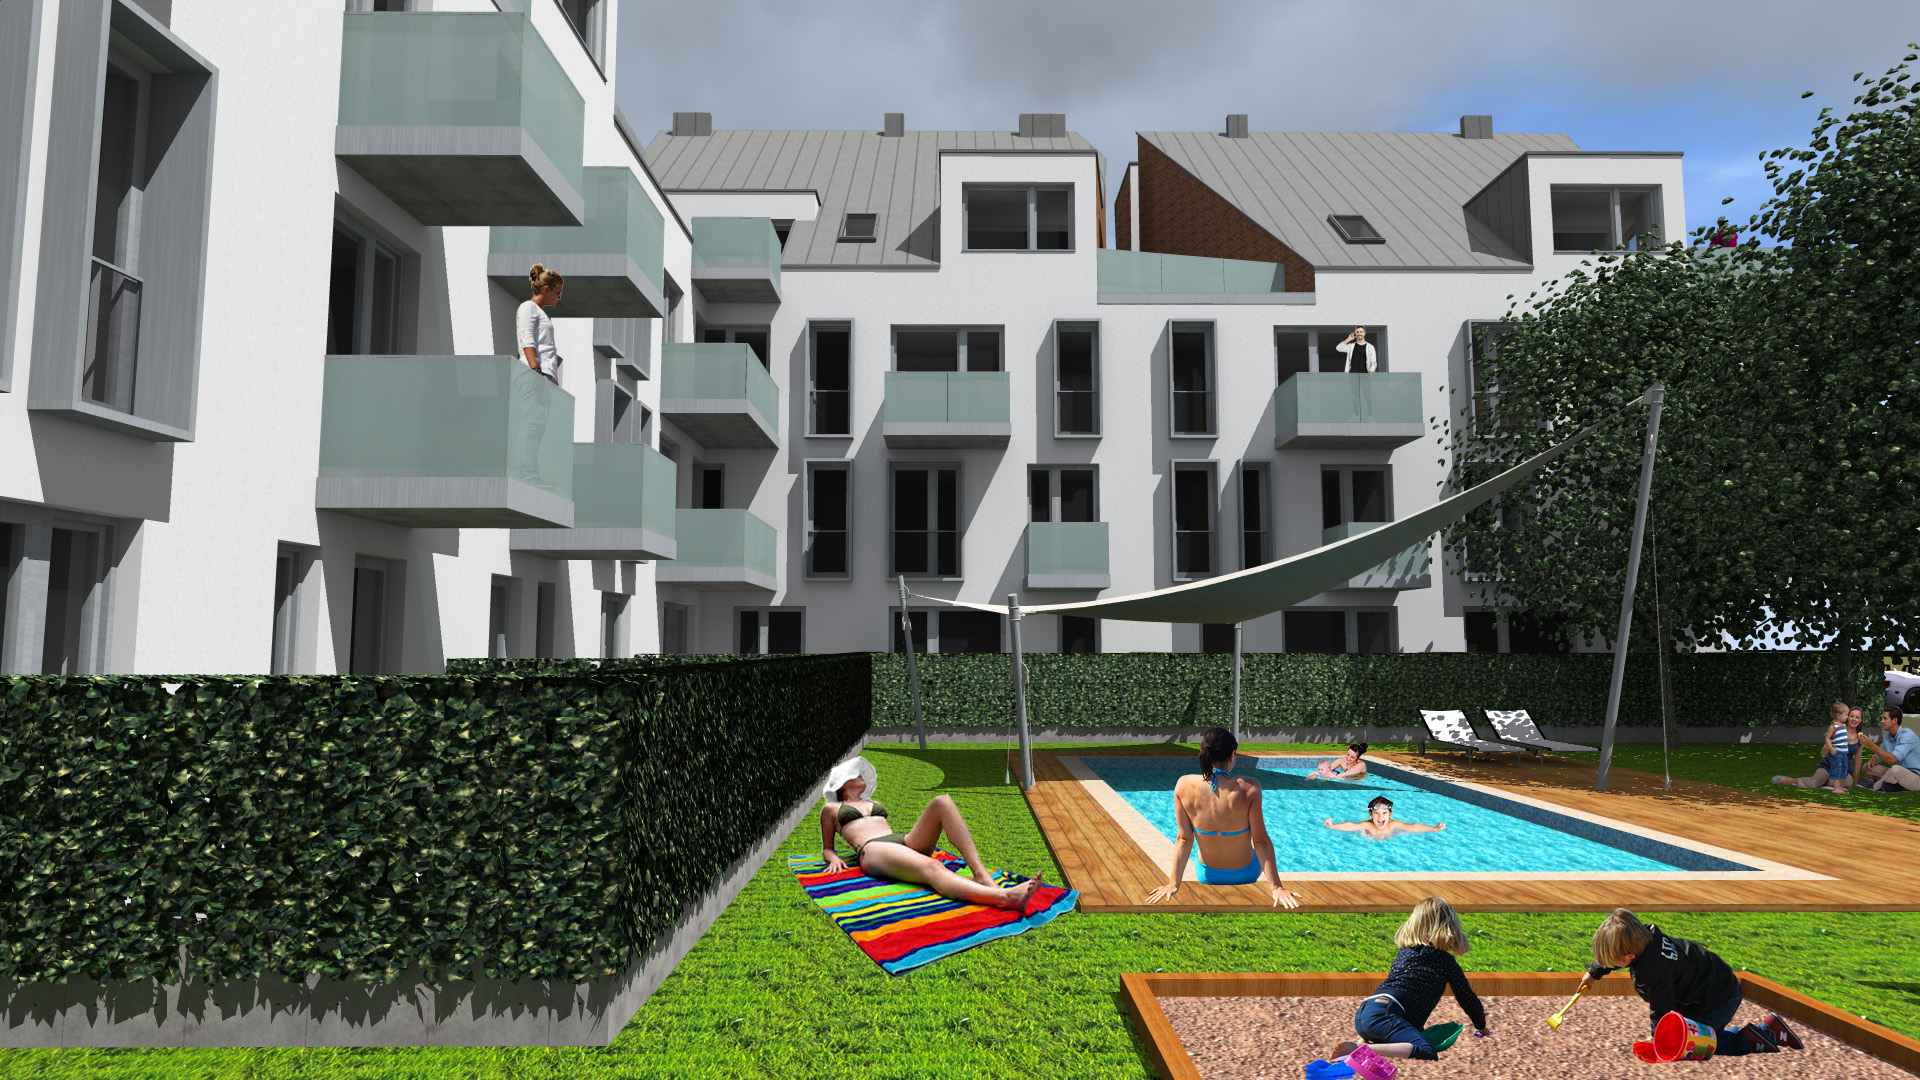 Egy lakópark, tele élményekkel